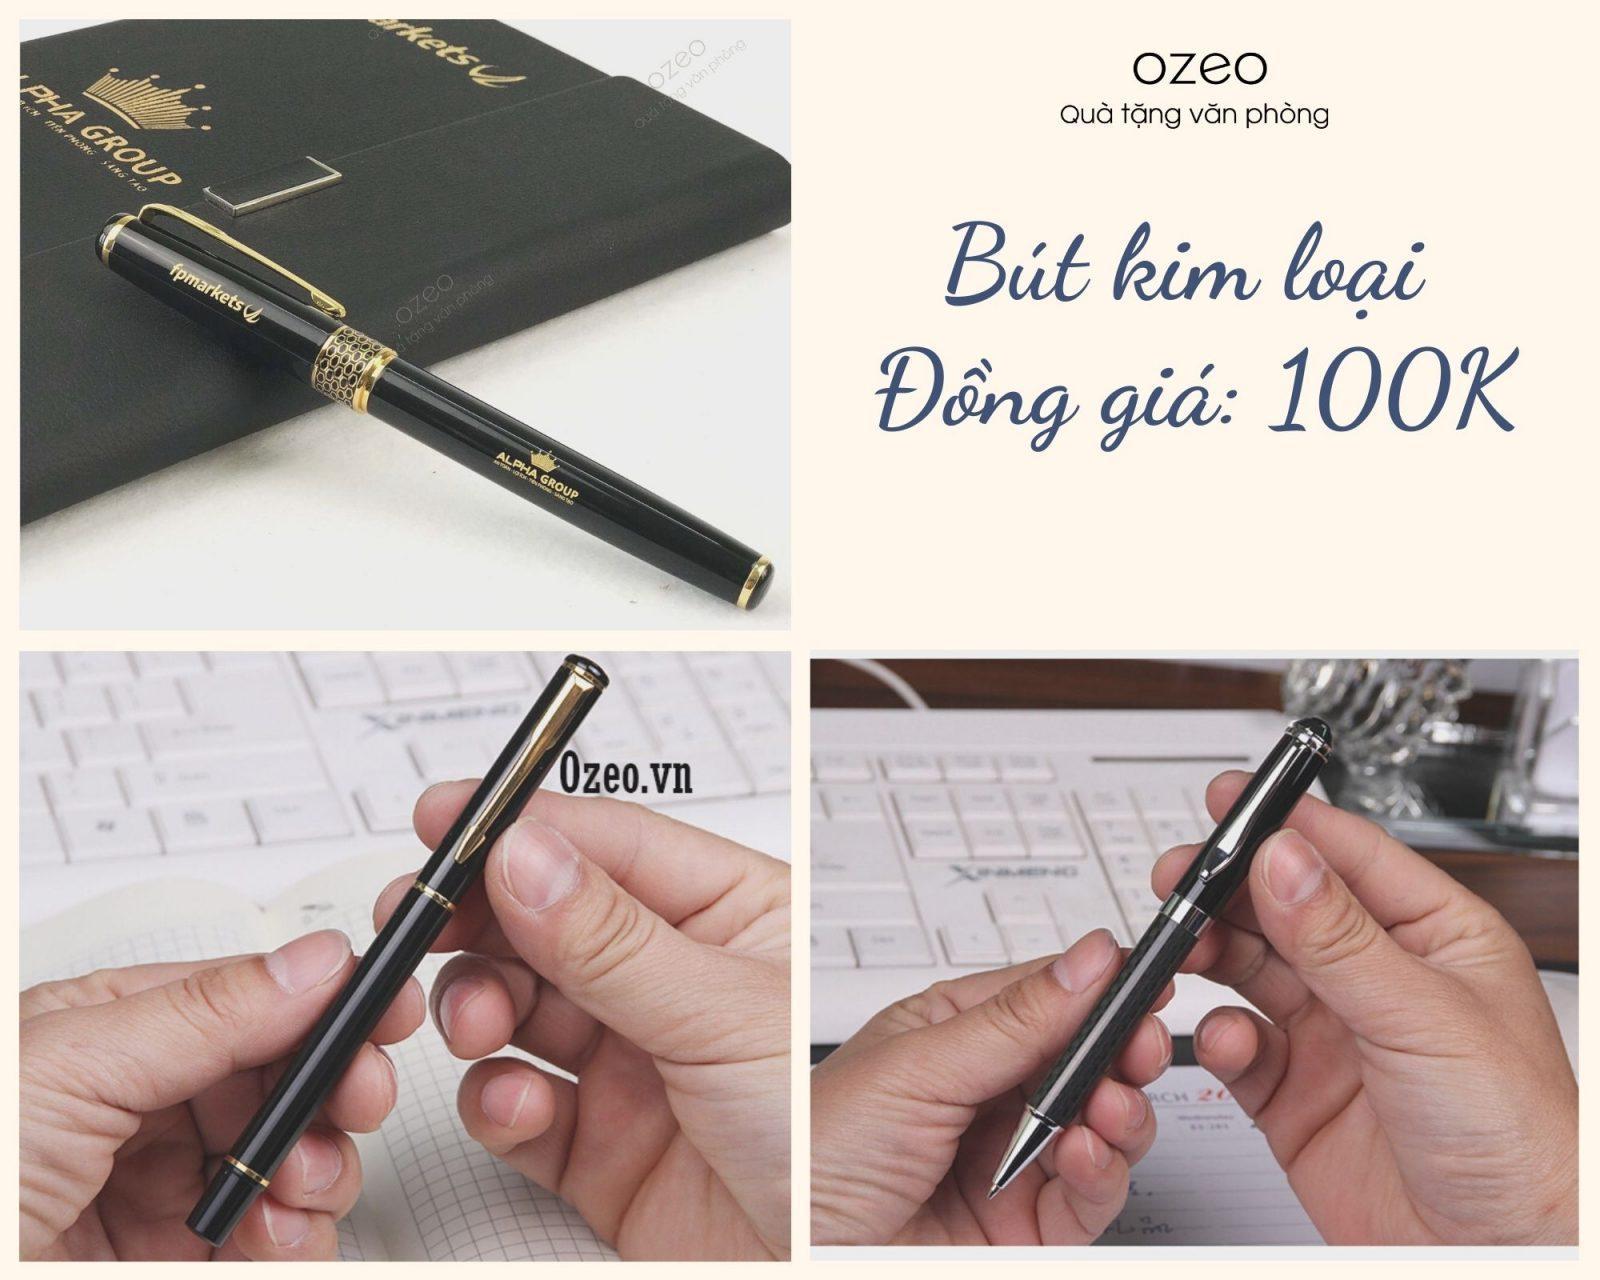 Các mẫu bút kim loại có giá dưới 100k được ưa chuộng nhất hiện nay.